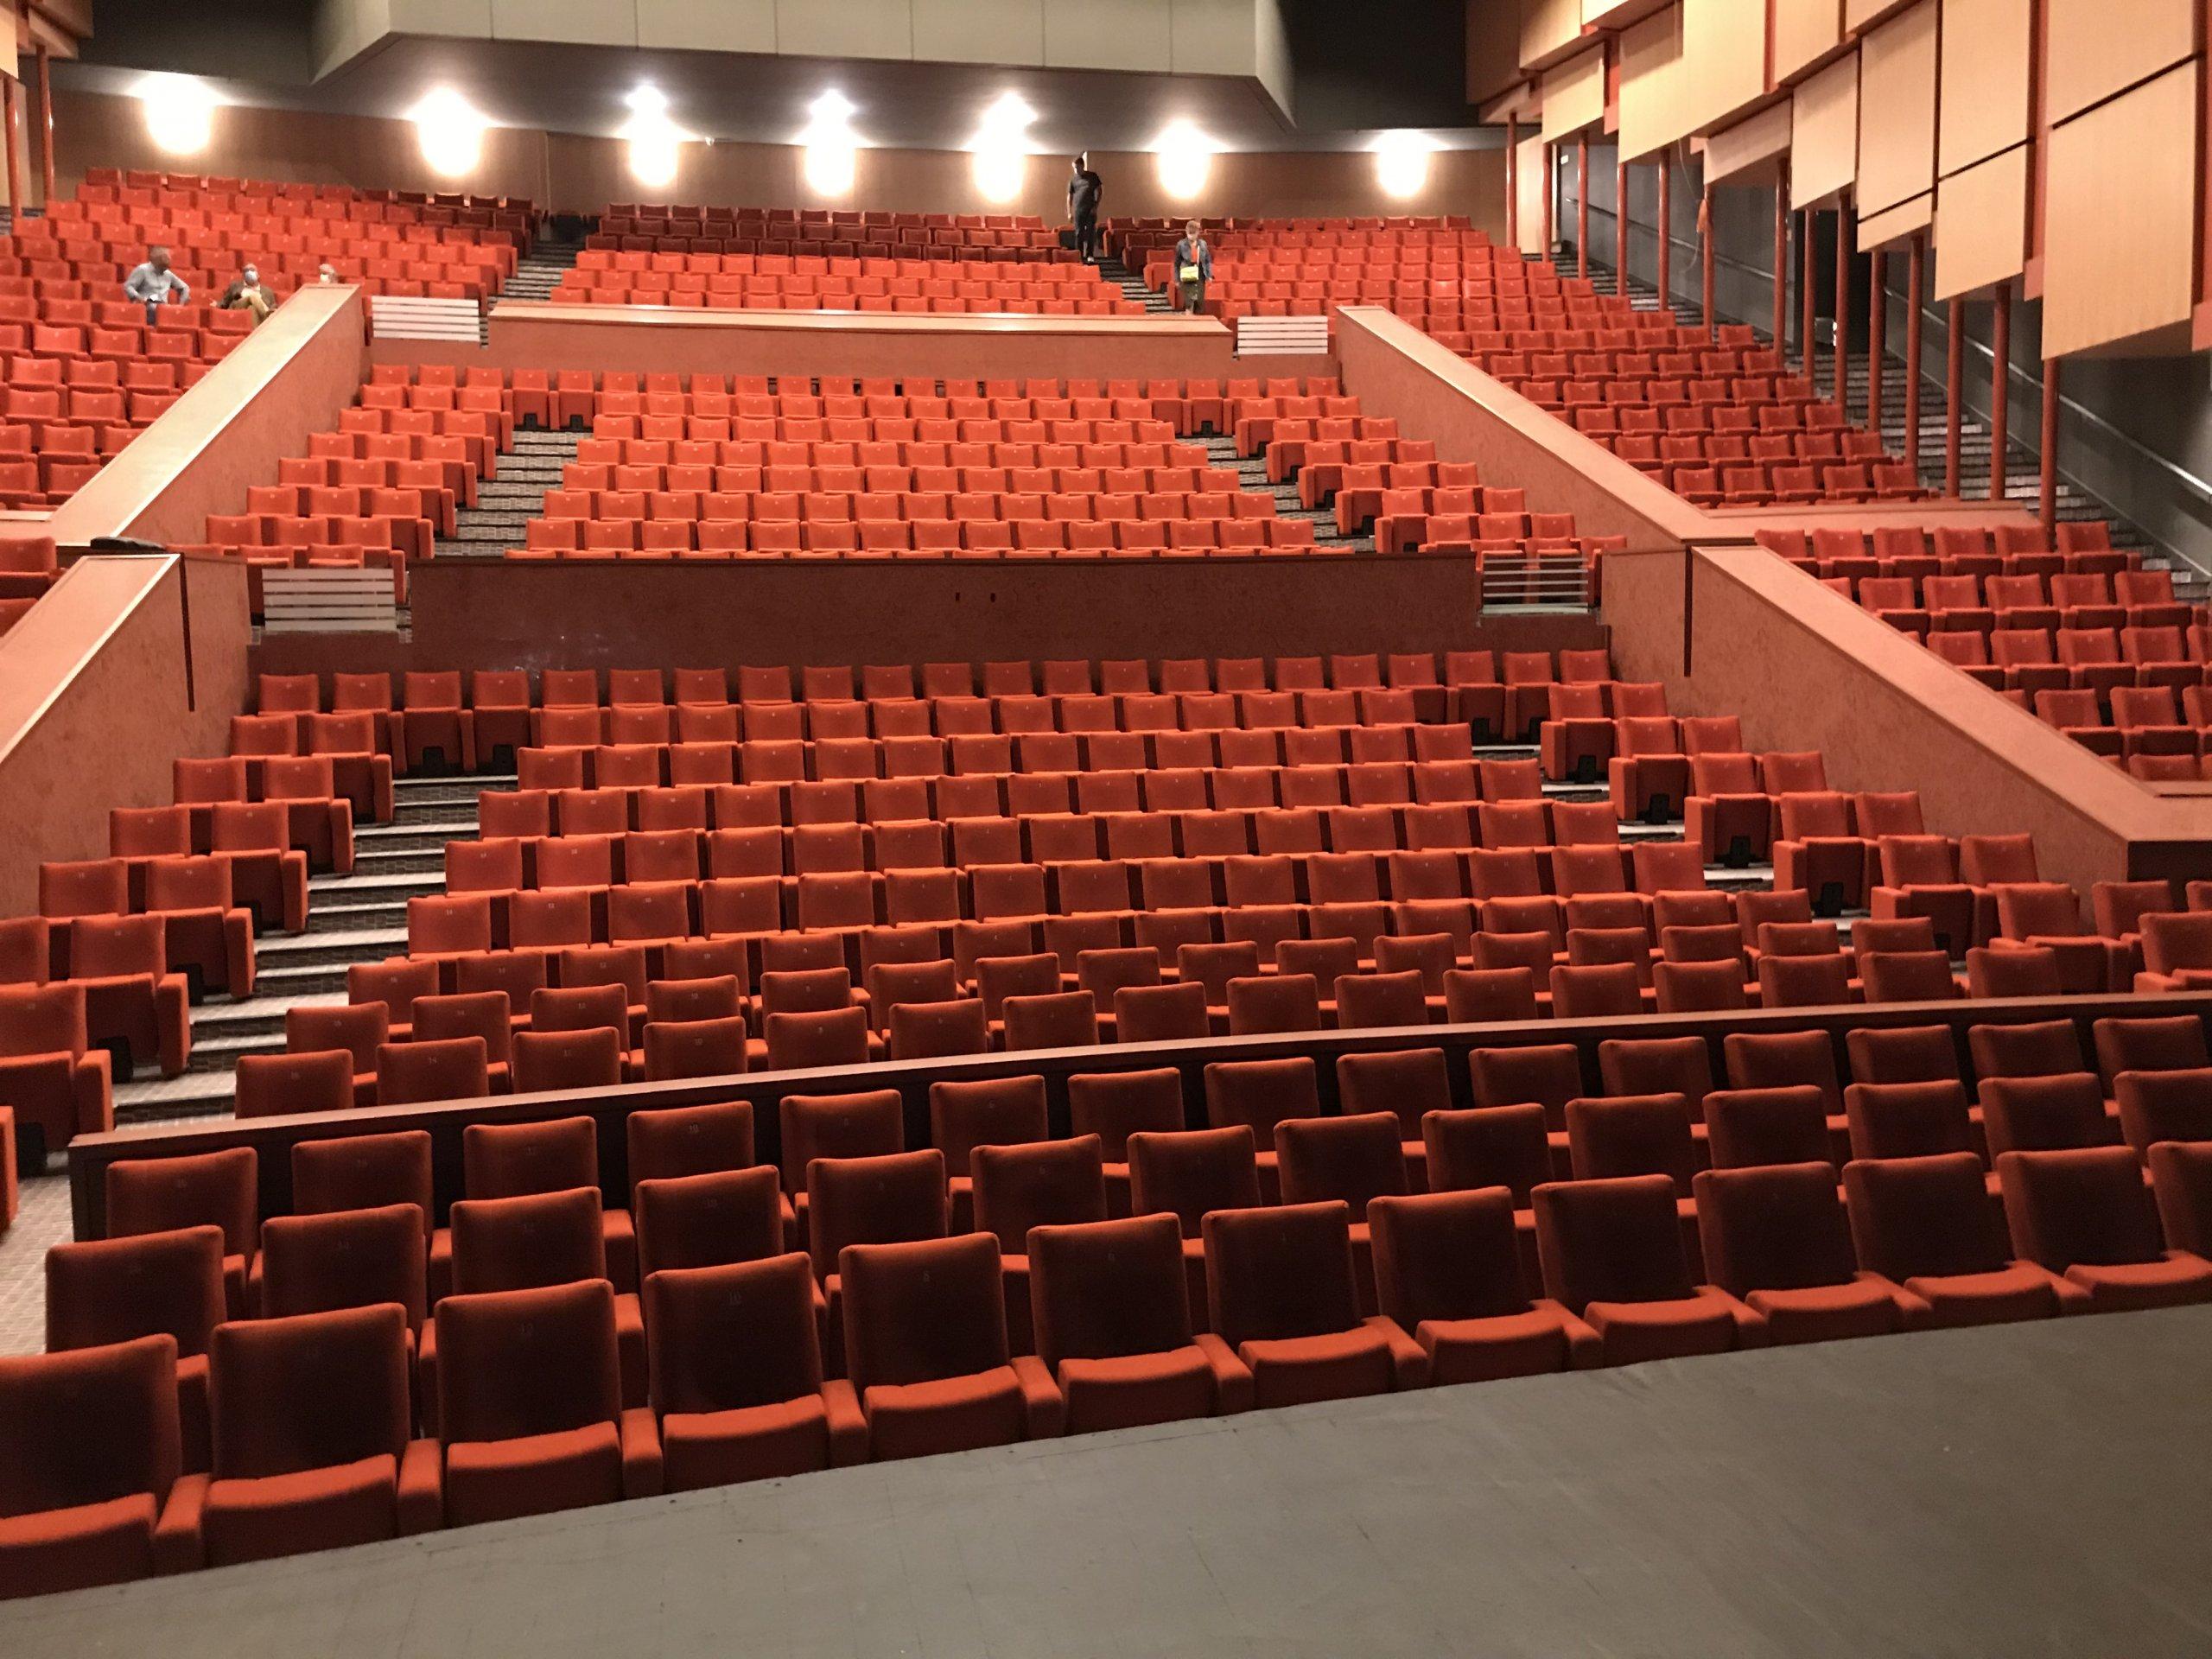 Kleslo - fauteuil Inertie - Leader de fabrication de fauteuils cinéma, théâtre ... Opéra Massy v2